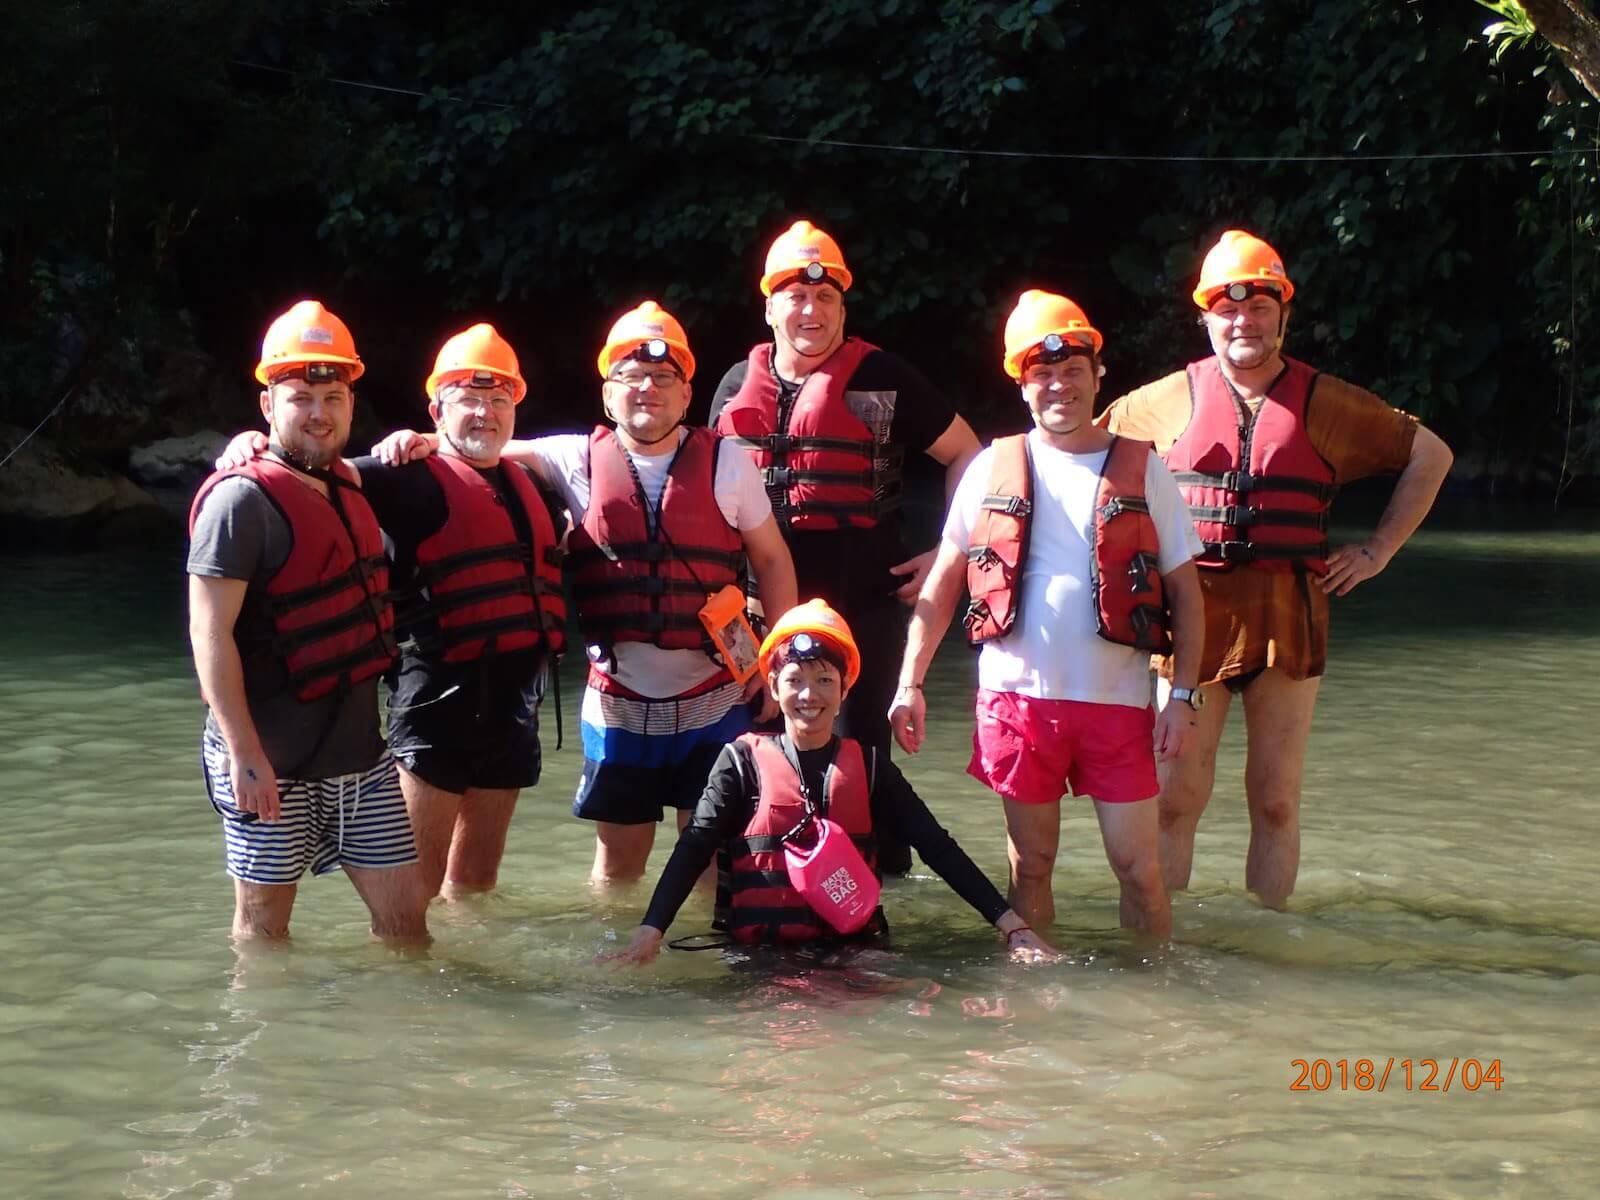 Nasza grupa adventure po tubingi w jaskini w Laosie - fot. Jerzy Kostrzewa